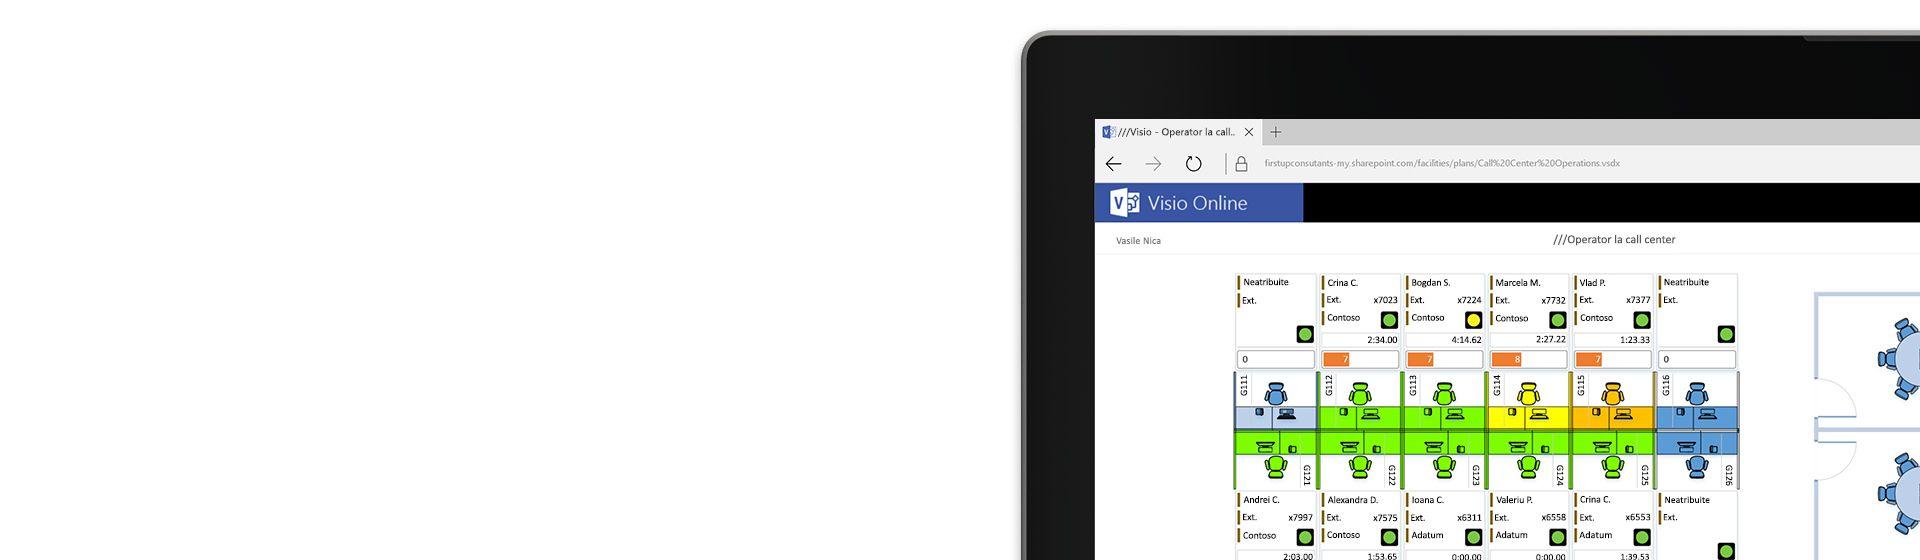 Colțul unui ecran de tabletă afișând o diagramă de plan de call center în Visio